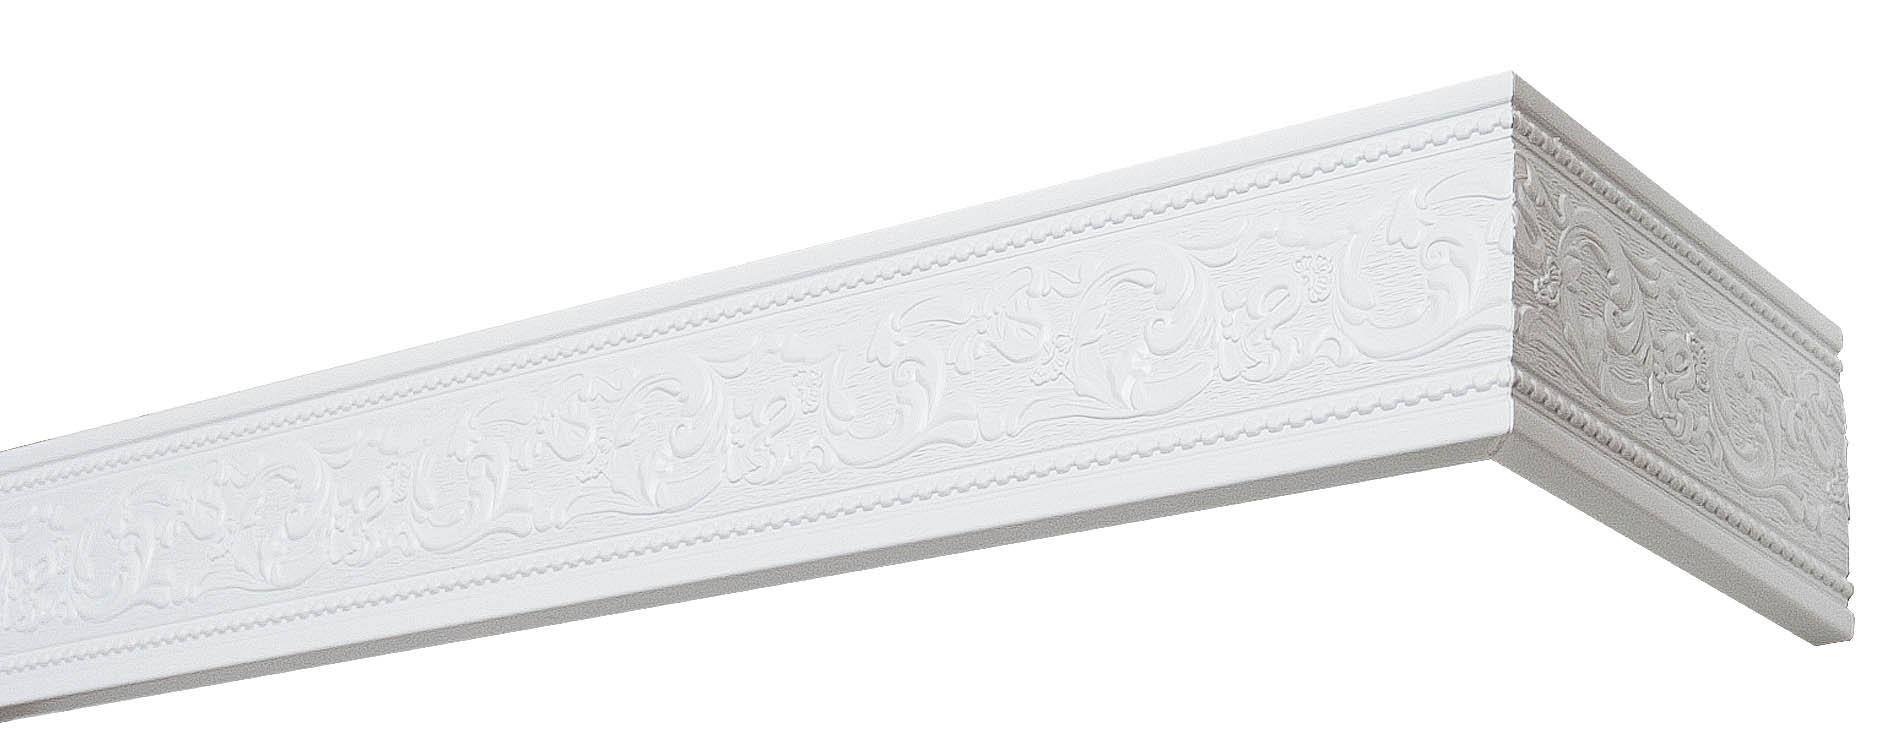 Карнизы и аксессуары для штор Уют Карниз Унисон Цвет: Белый (240 см)